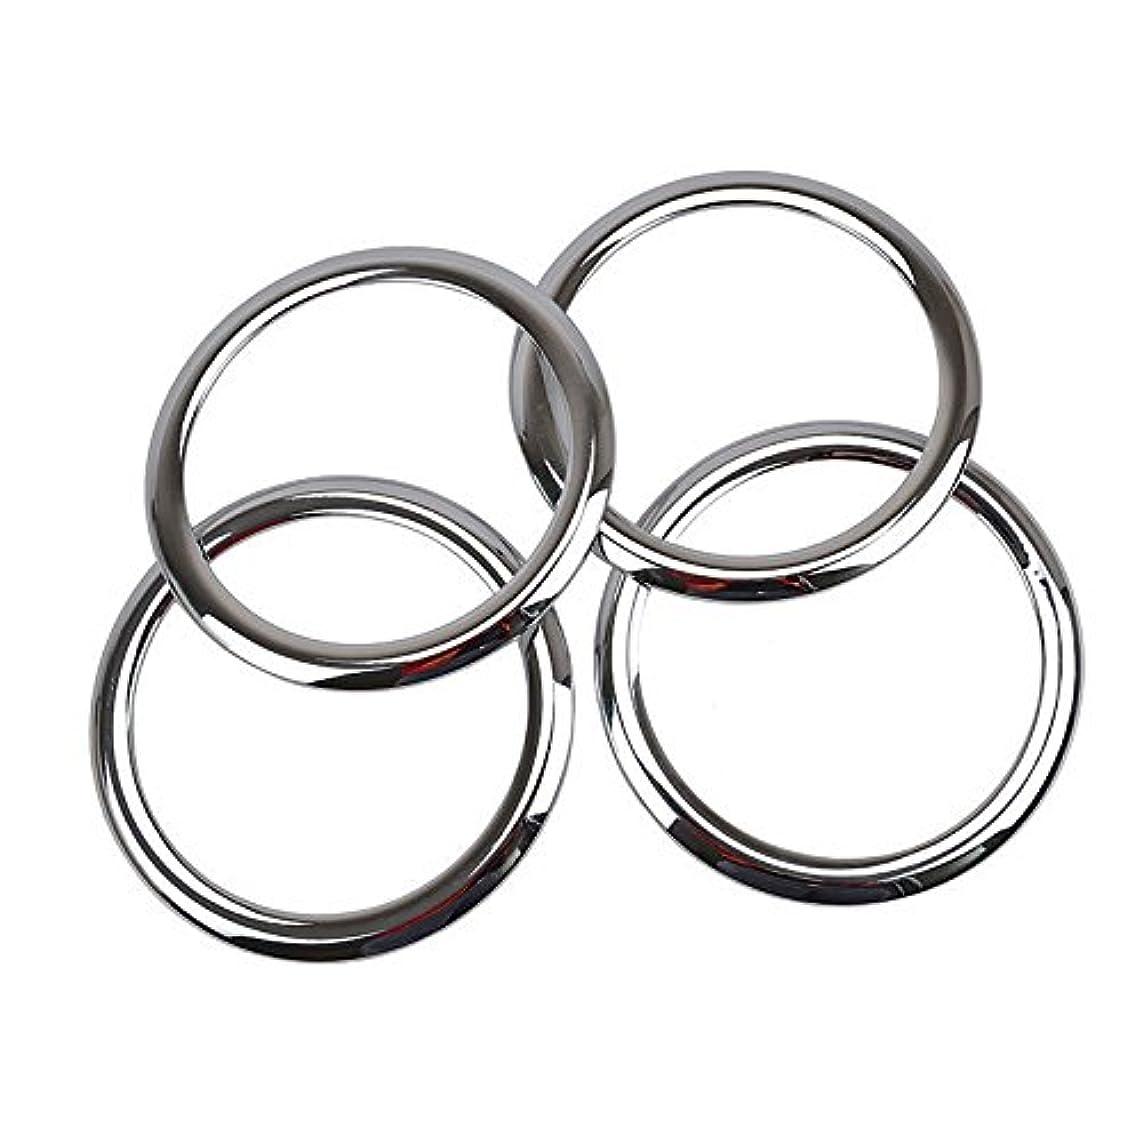 柔らかい足人工的なセールスマンJicorzo - ABS Chrome Car Door Stereo Speaker Collar Cover Trim Bezel Fit For 2007-2015 Patriot Compass Car Interior...